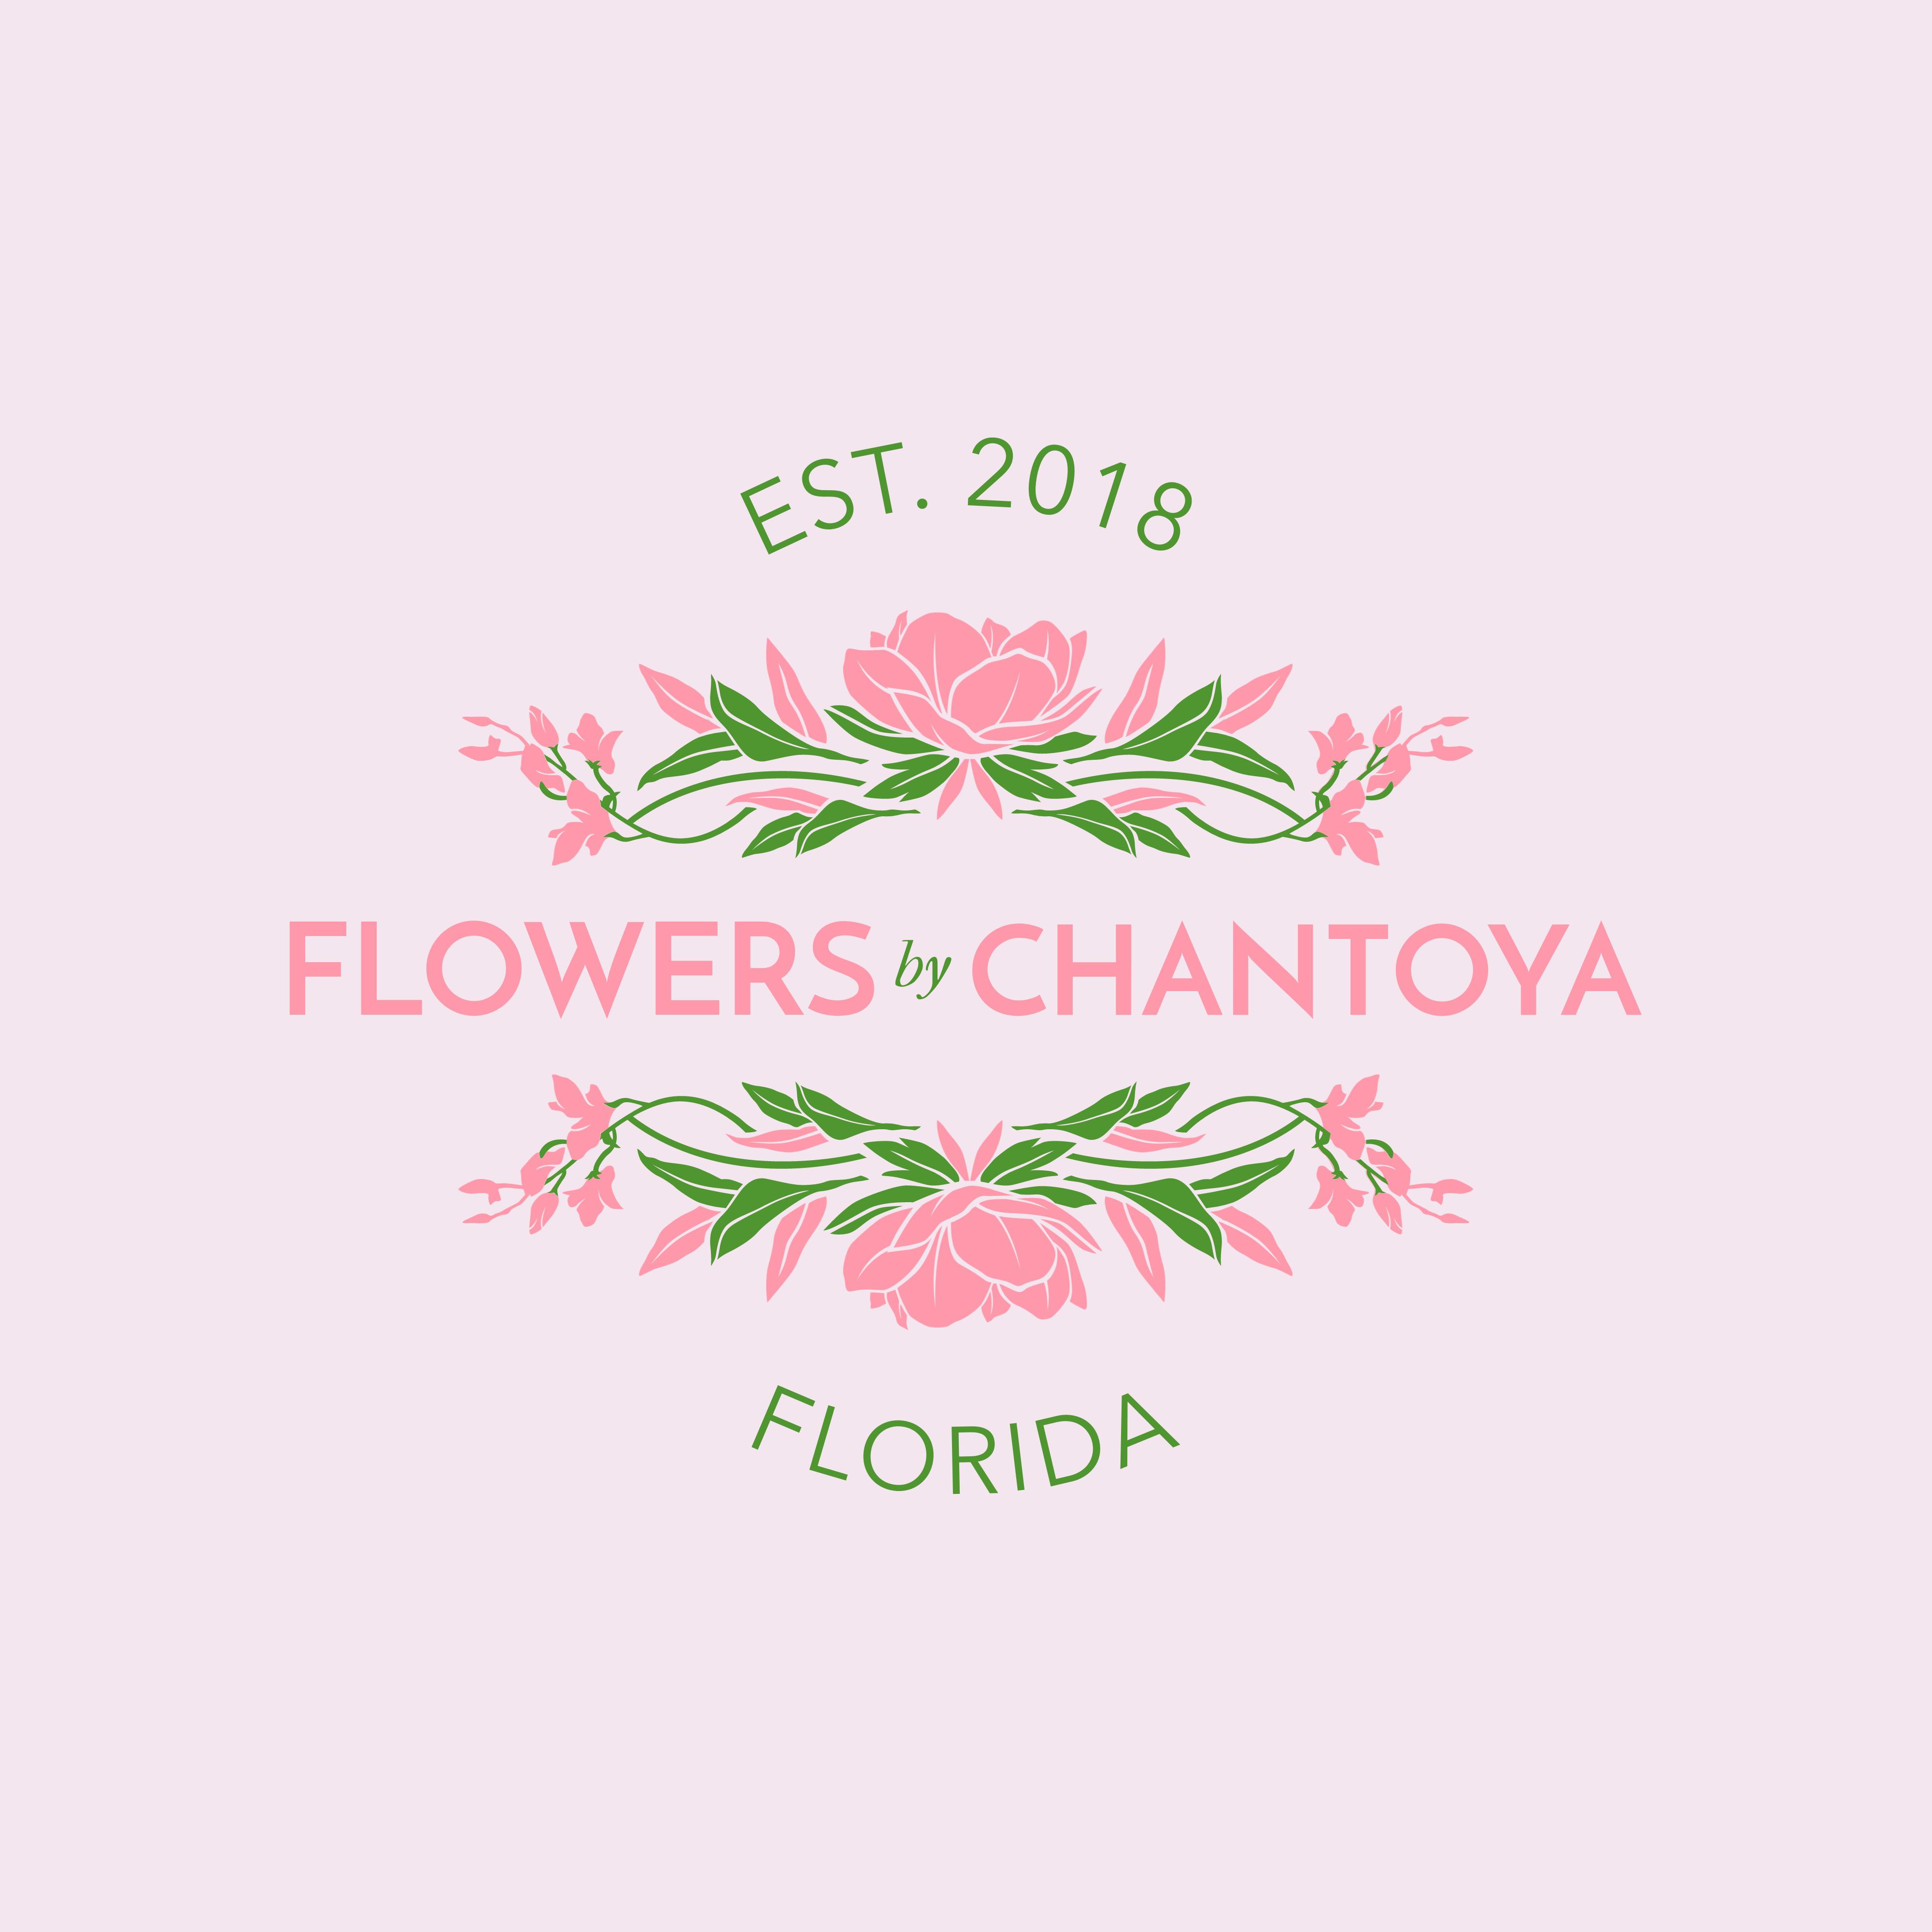 Flowers by Chantoya.